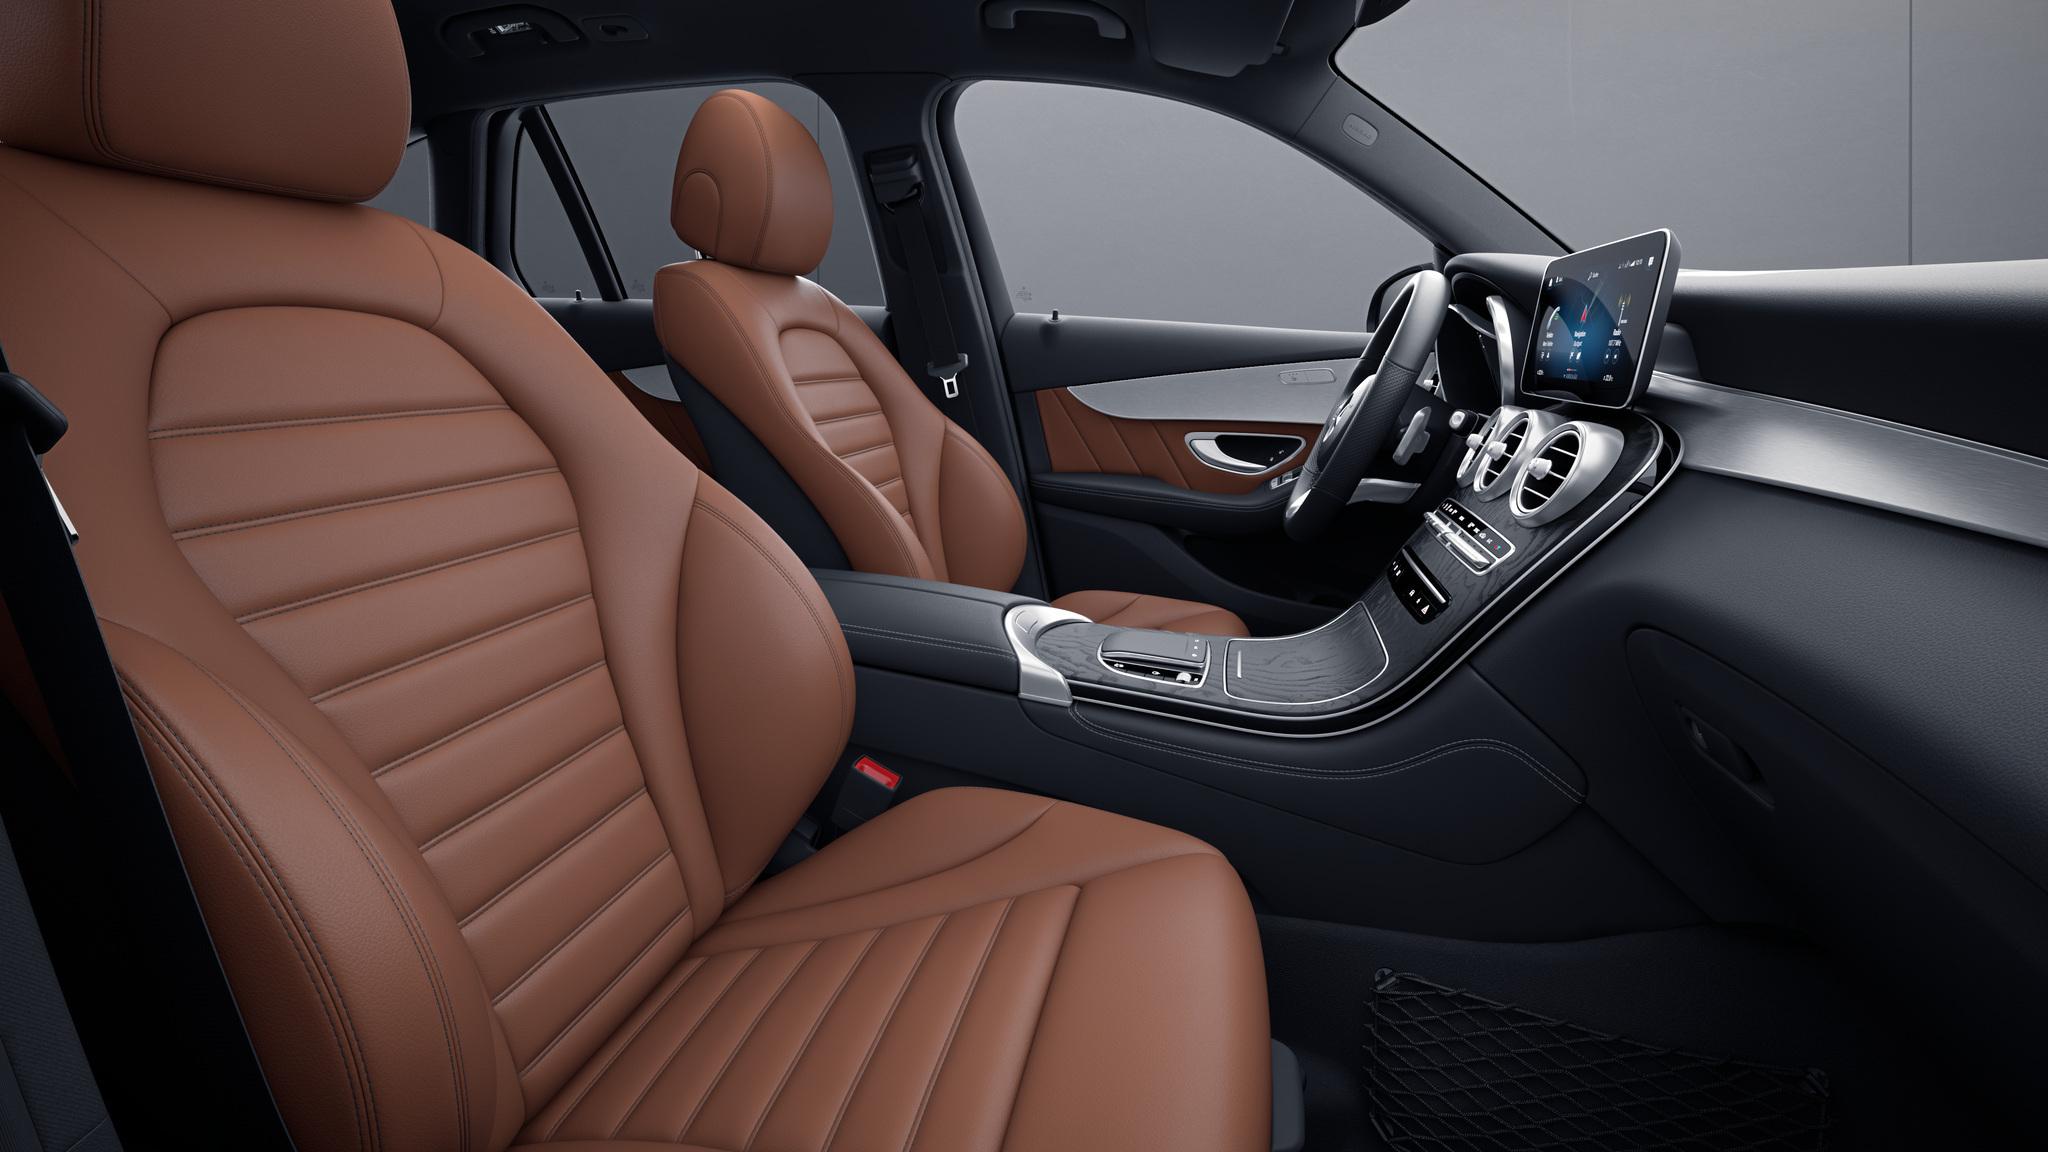 Habitacle de la Mercedes GLC avec une Sellerie cuir marron noir